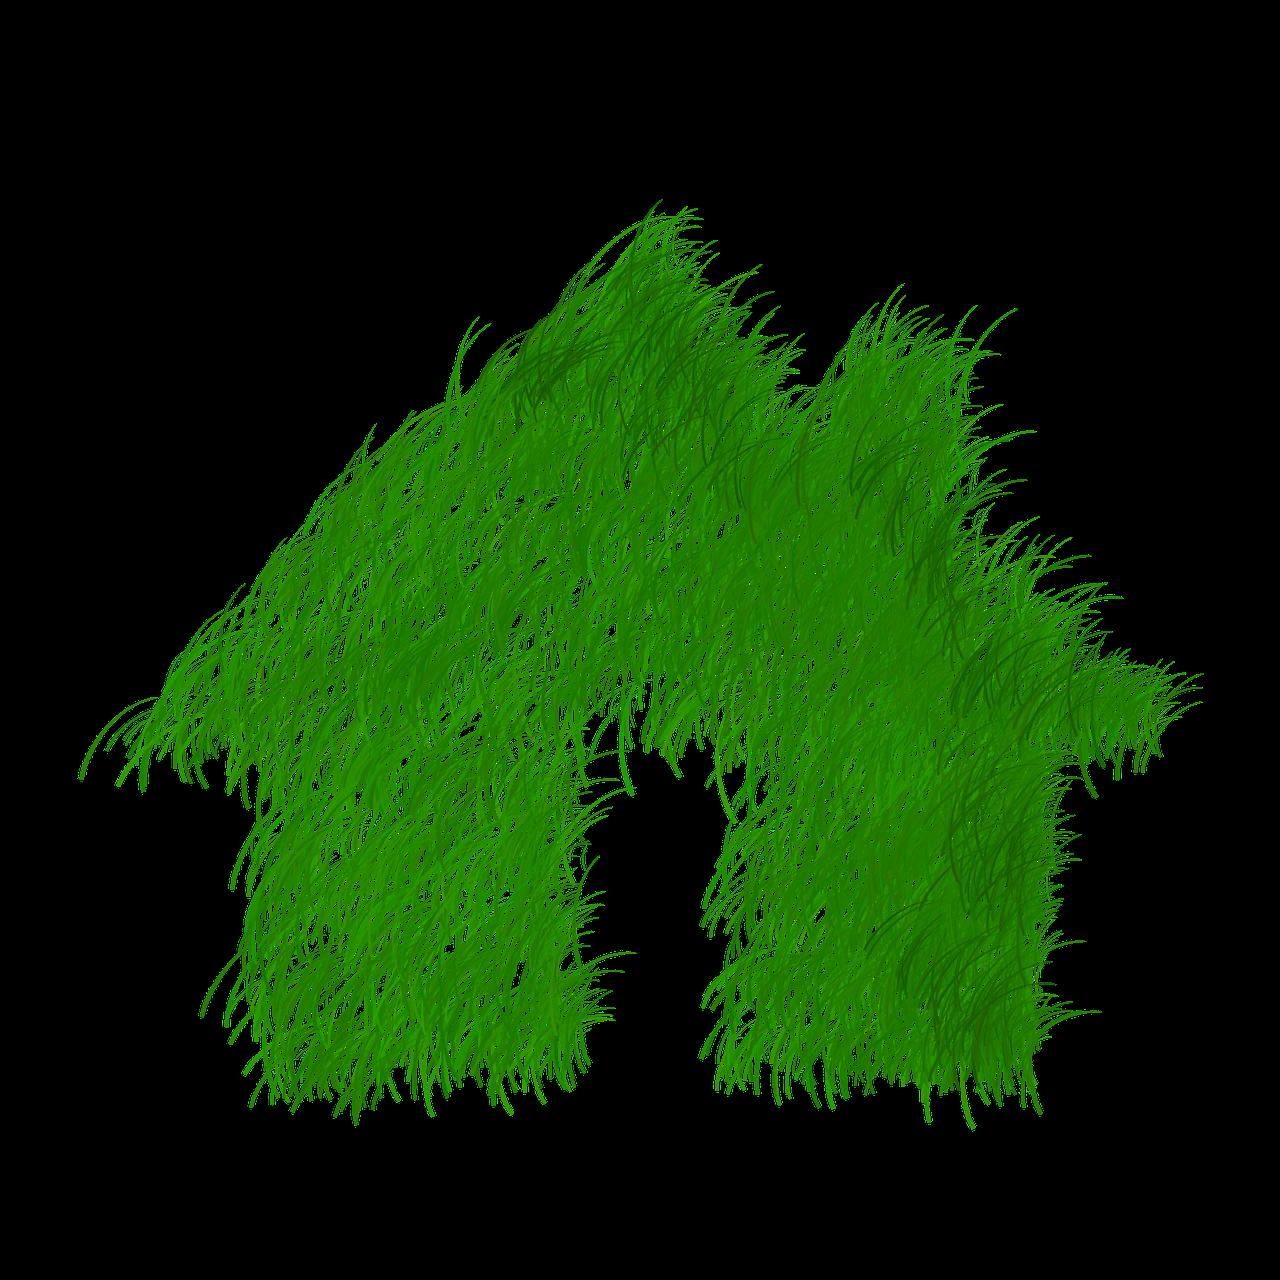 Hoe kun je het beste besparen op energie?